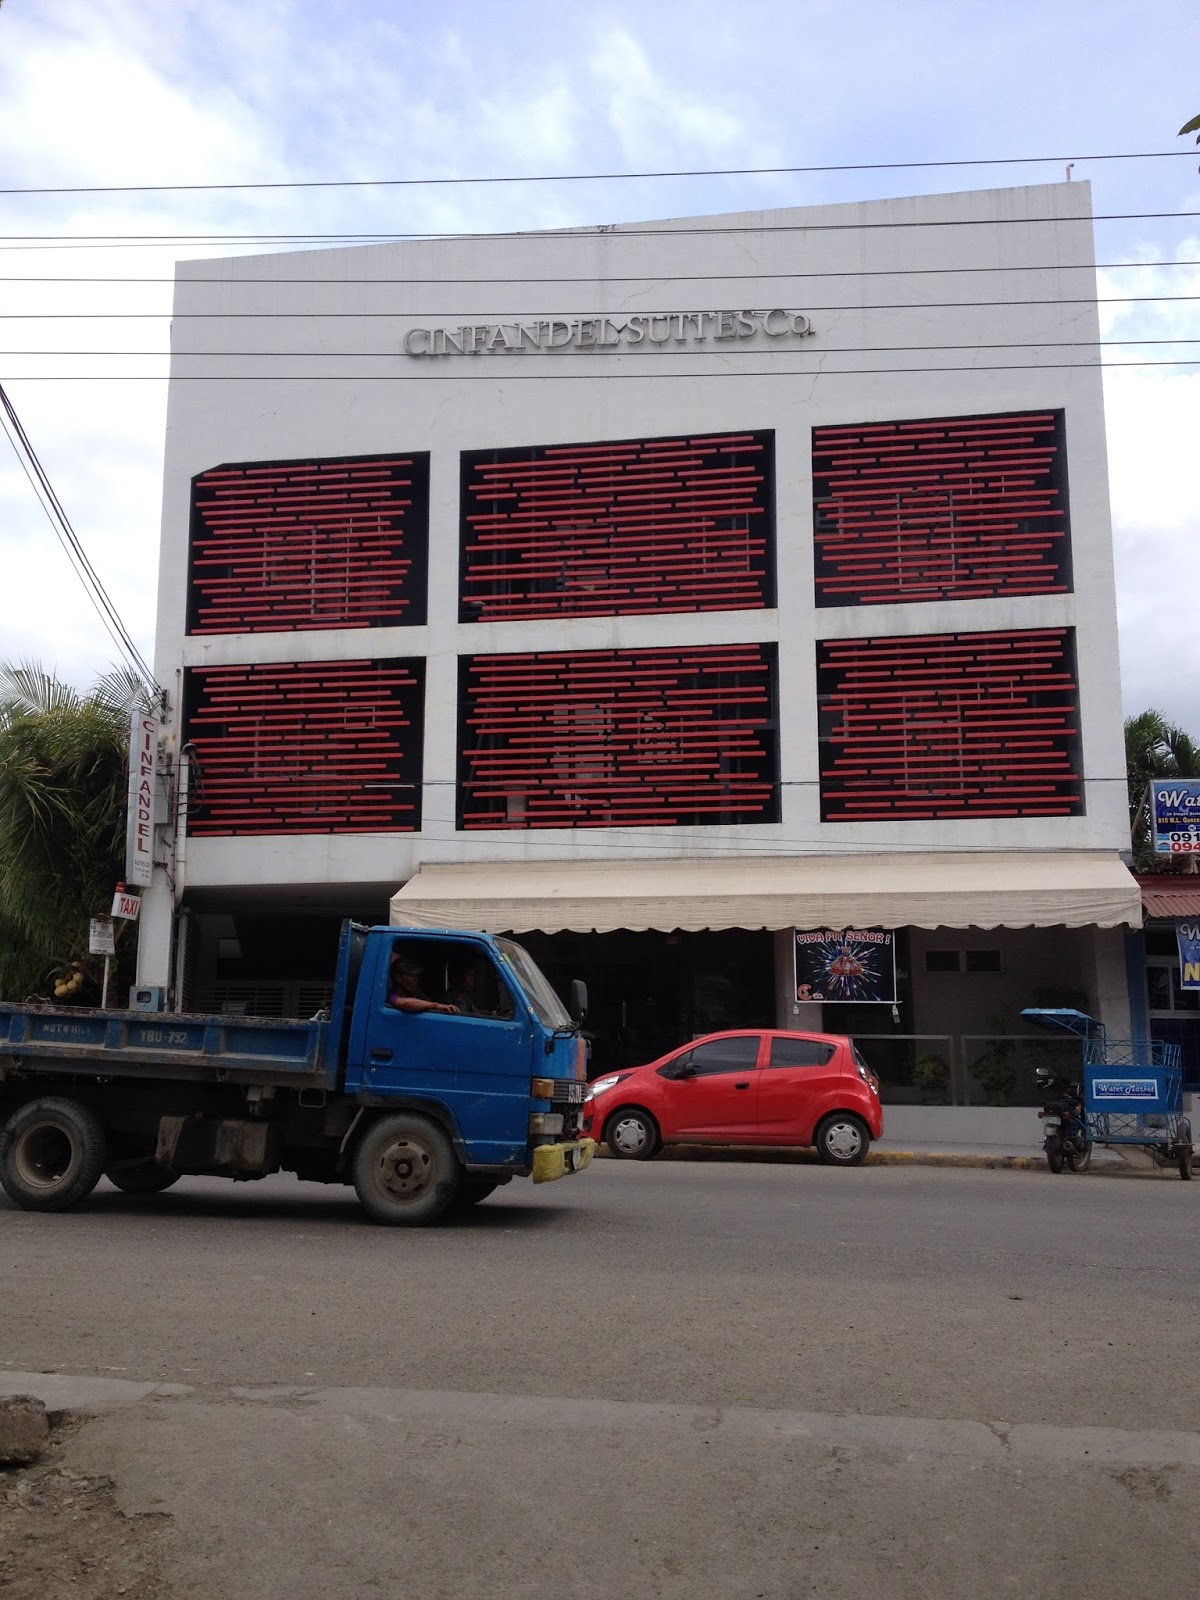 Buy In Cebu A Good Place To Stay In Mandaue Cinfandel Suites Co